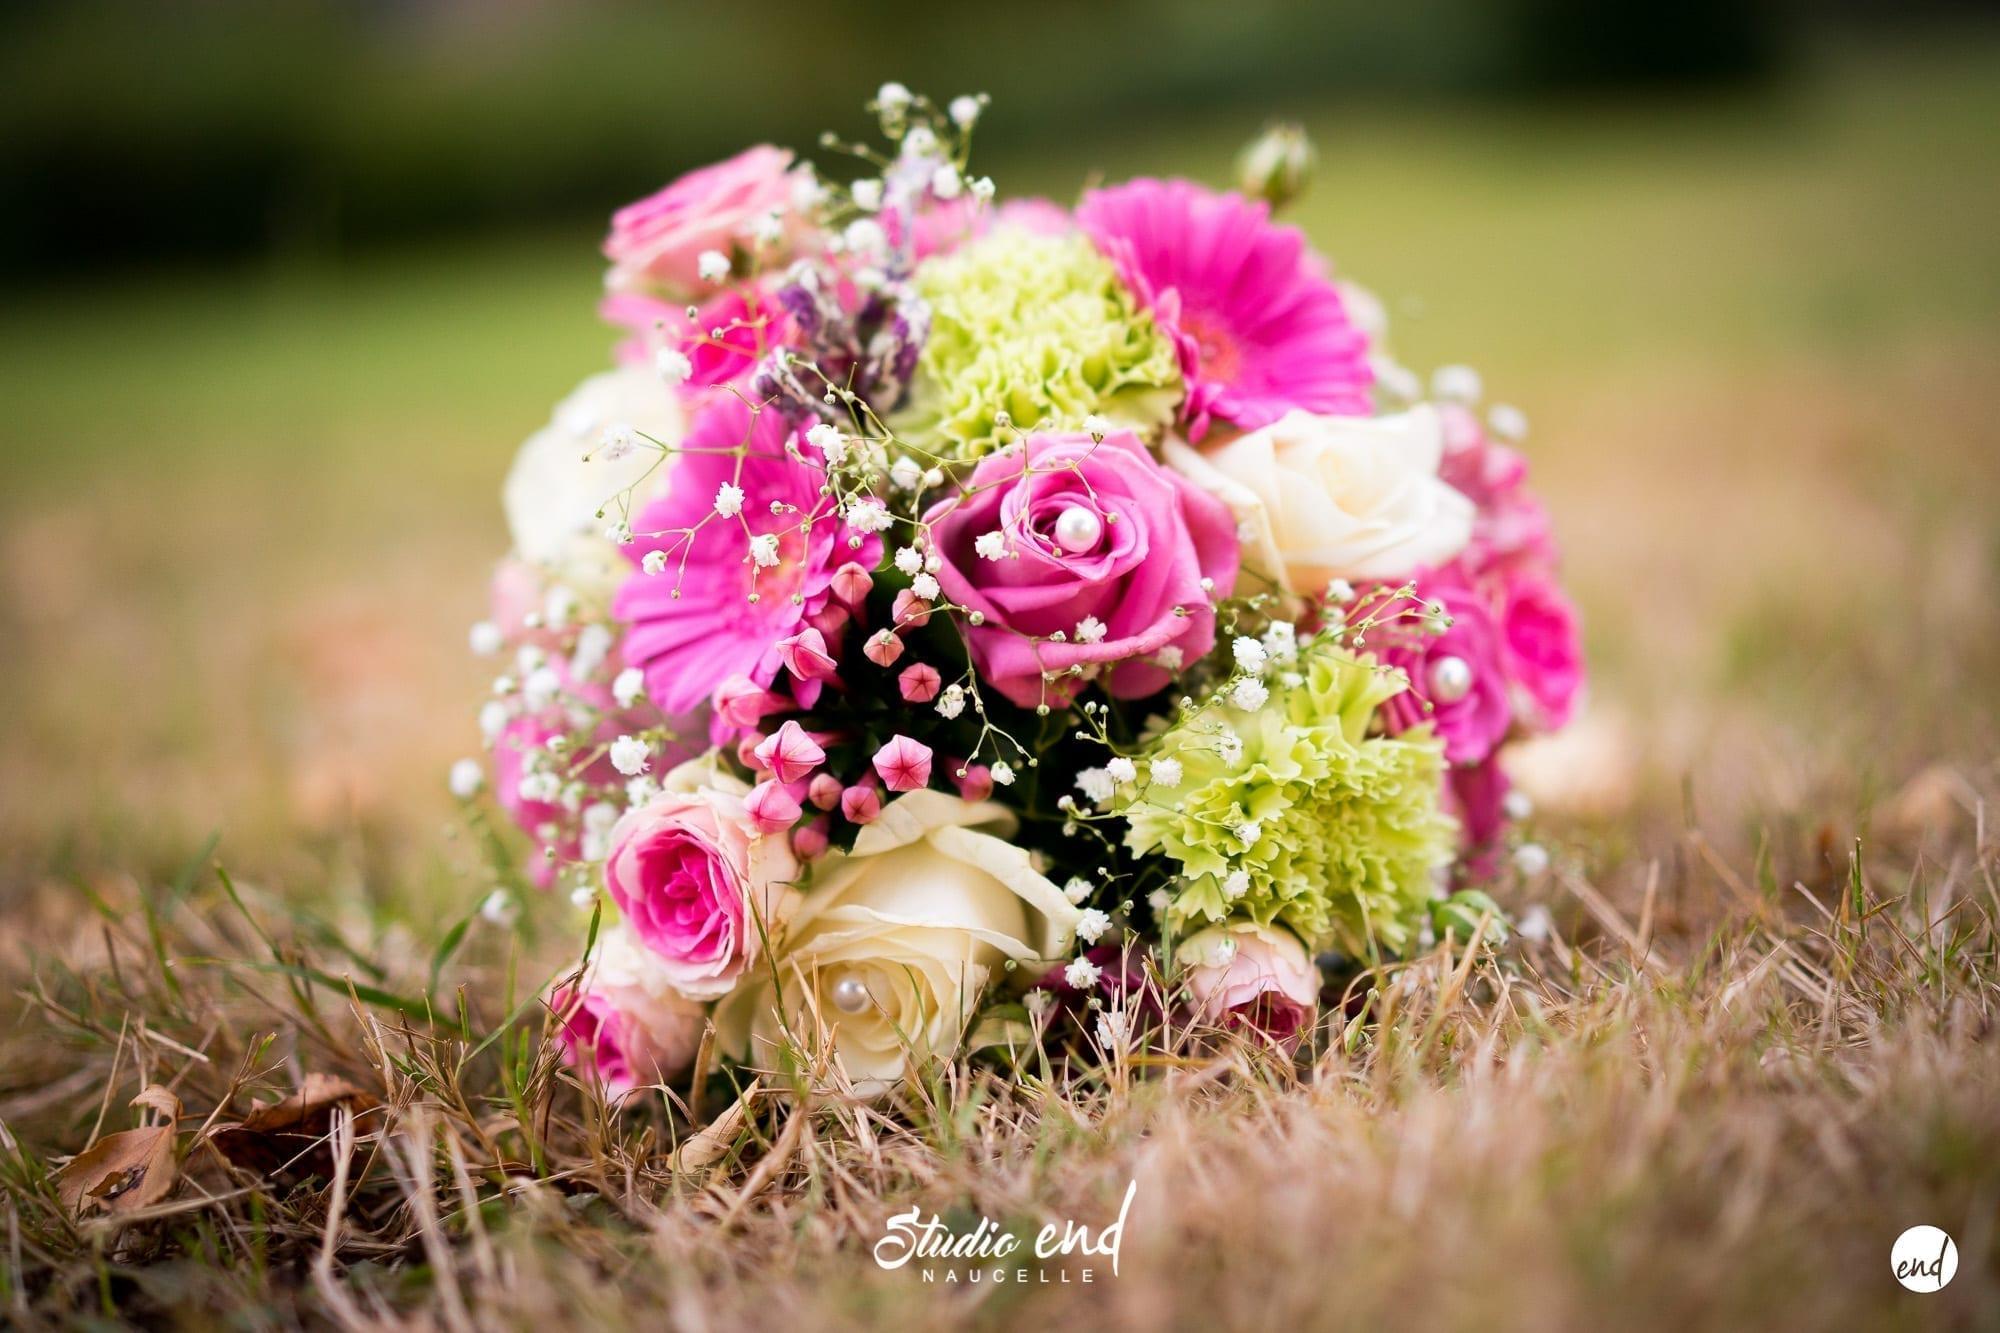 Bouquet de la mariée photographe reportage mariage Studio END